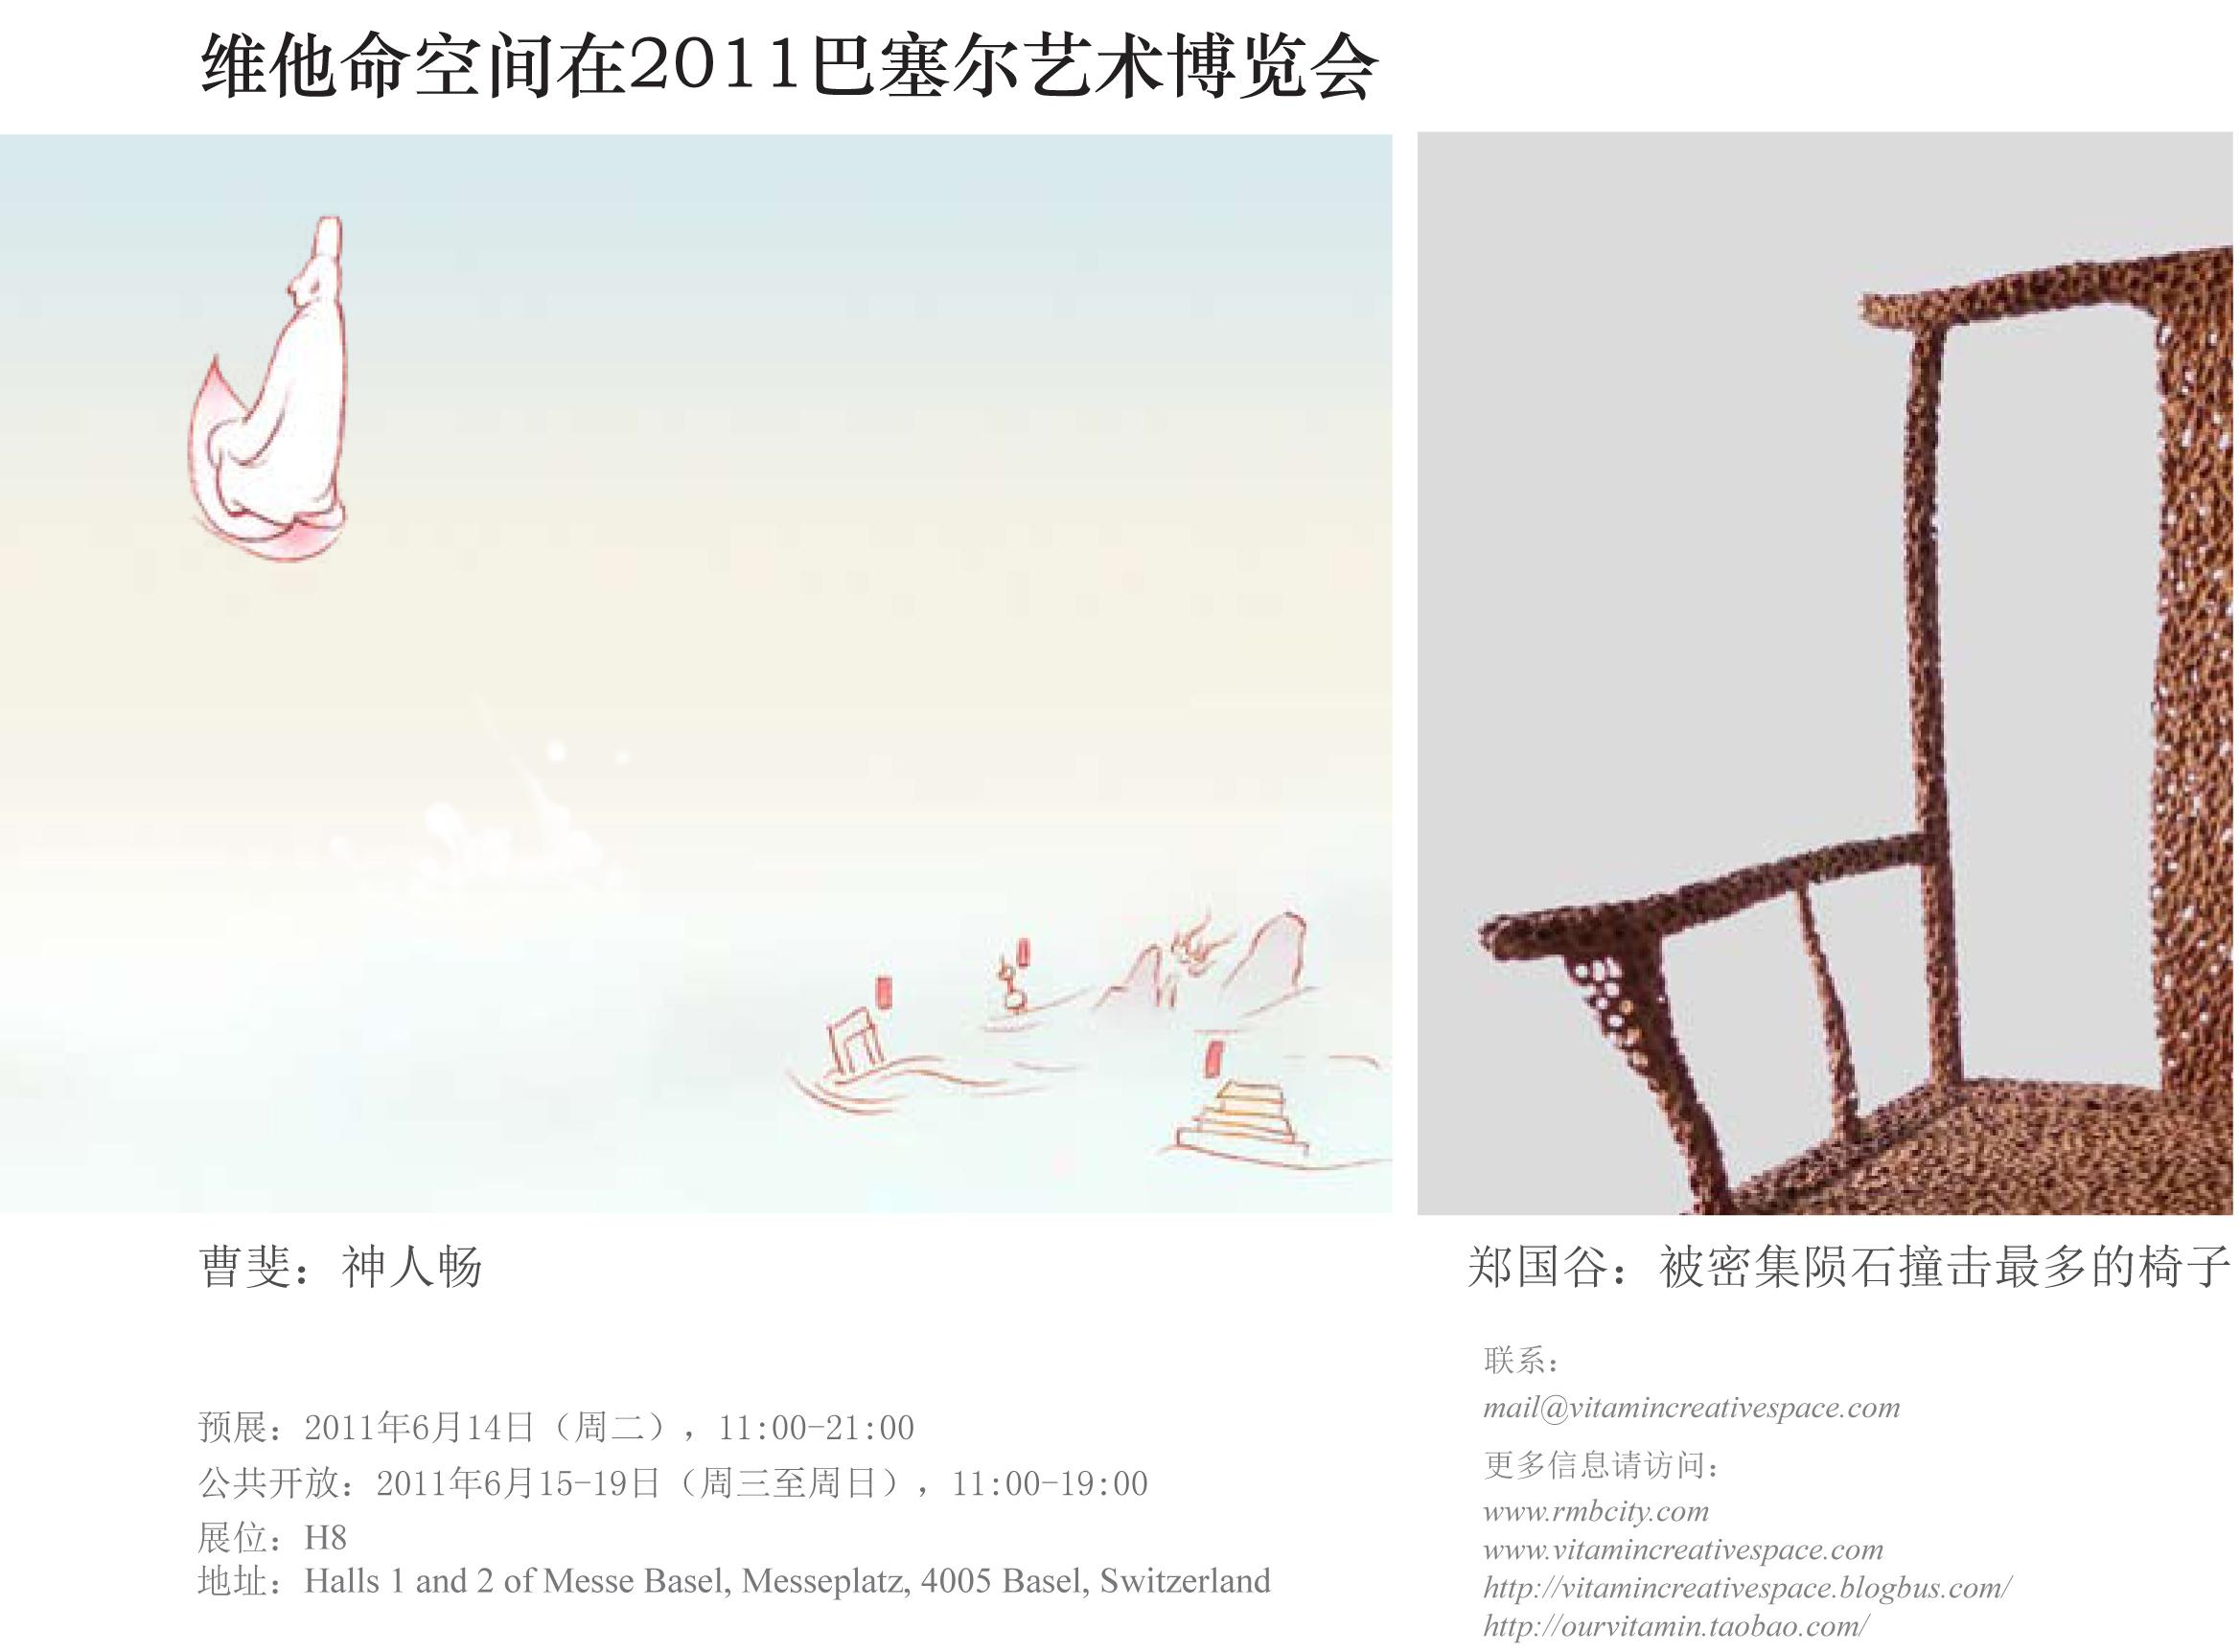 2011 Art Basel 42邀请函